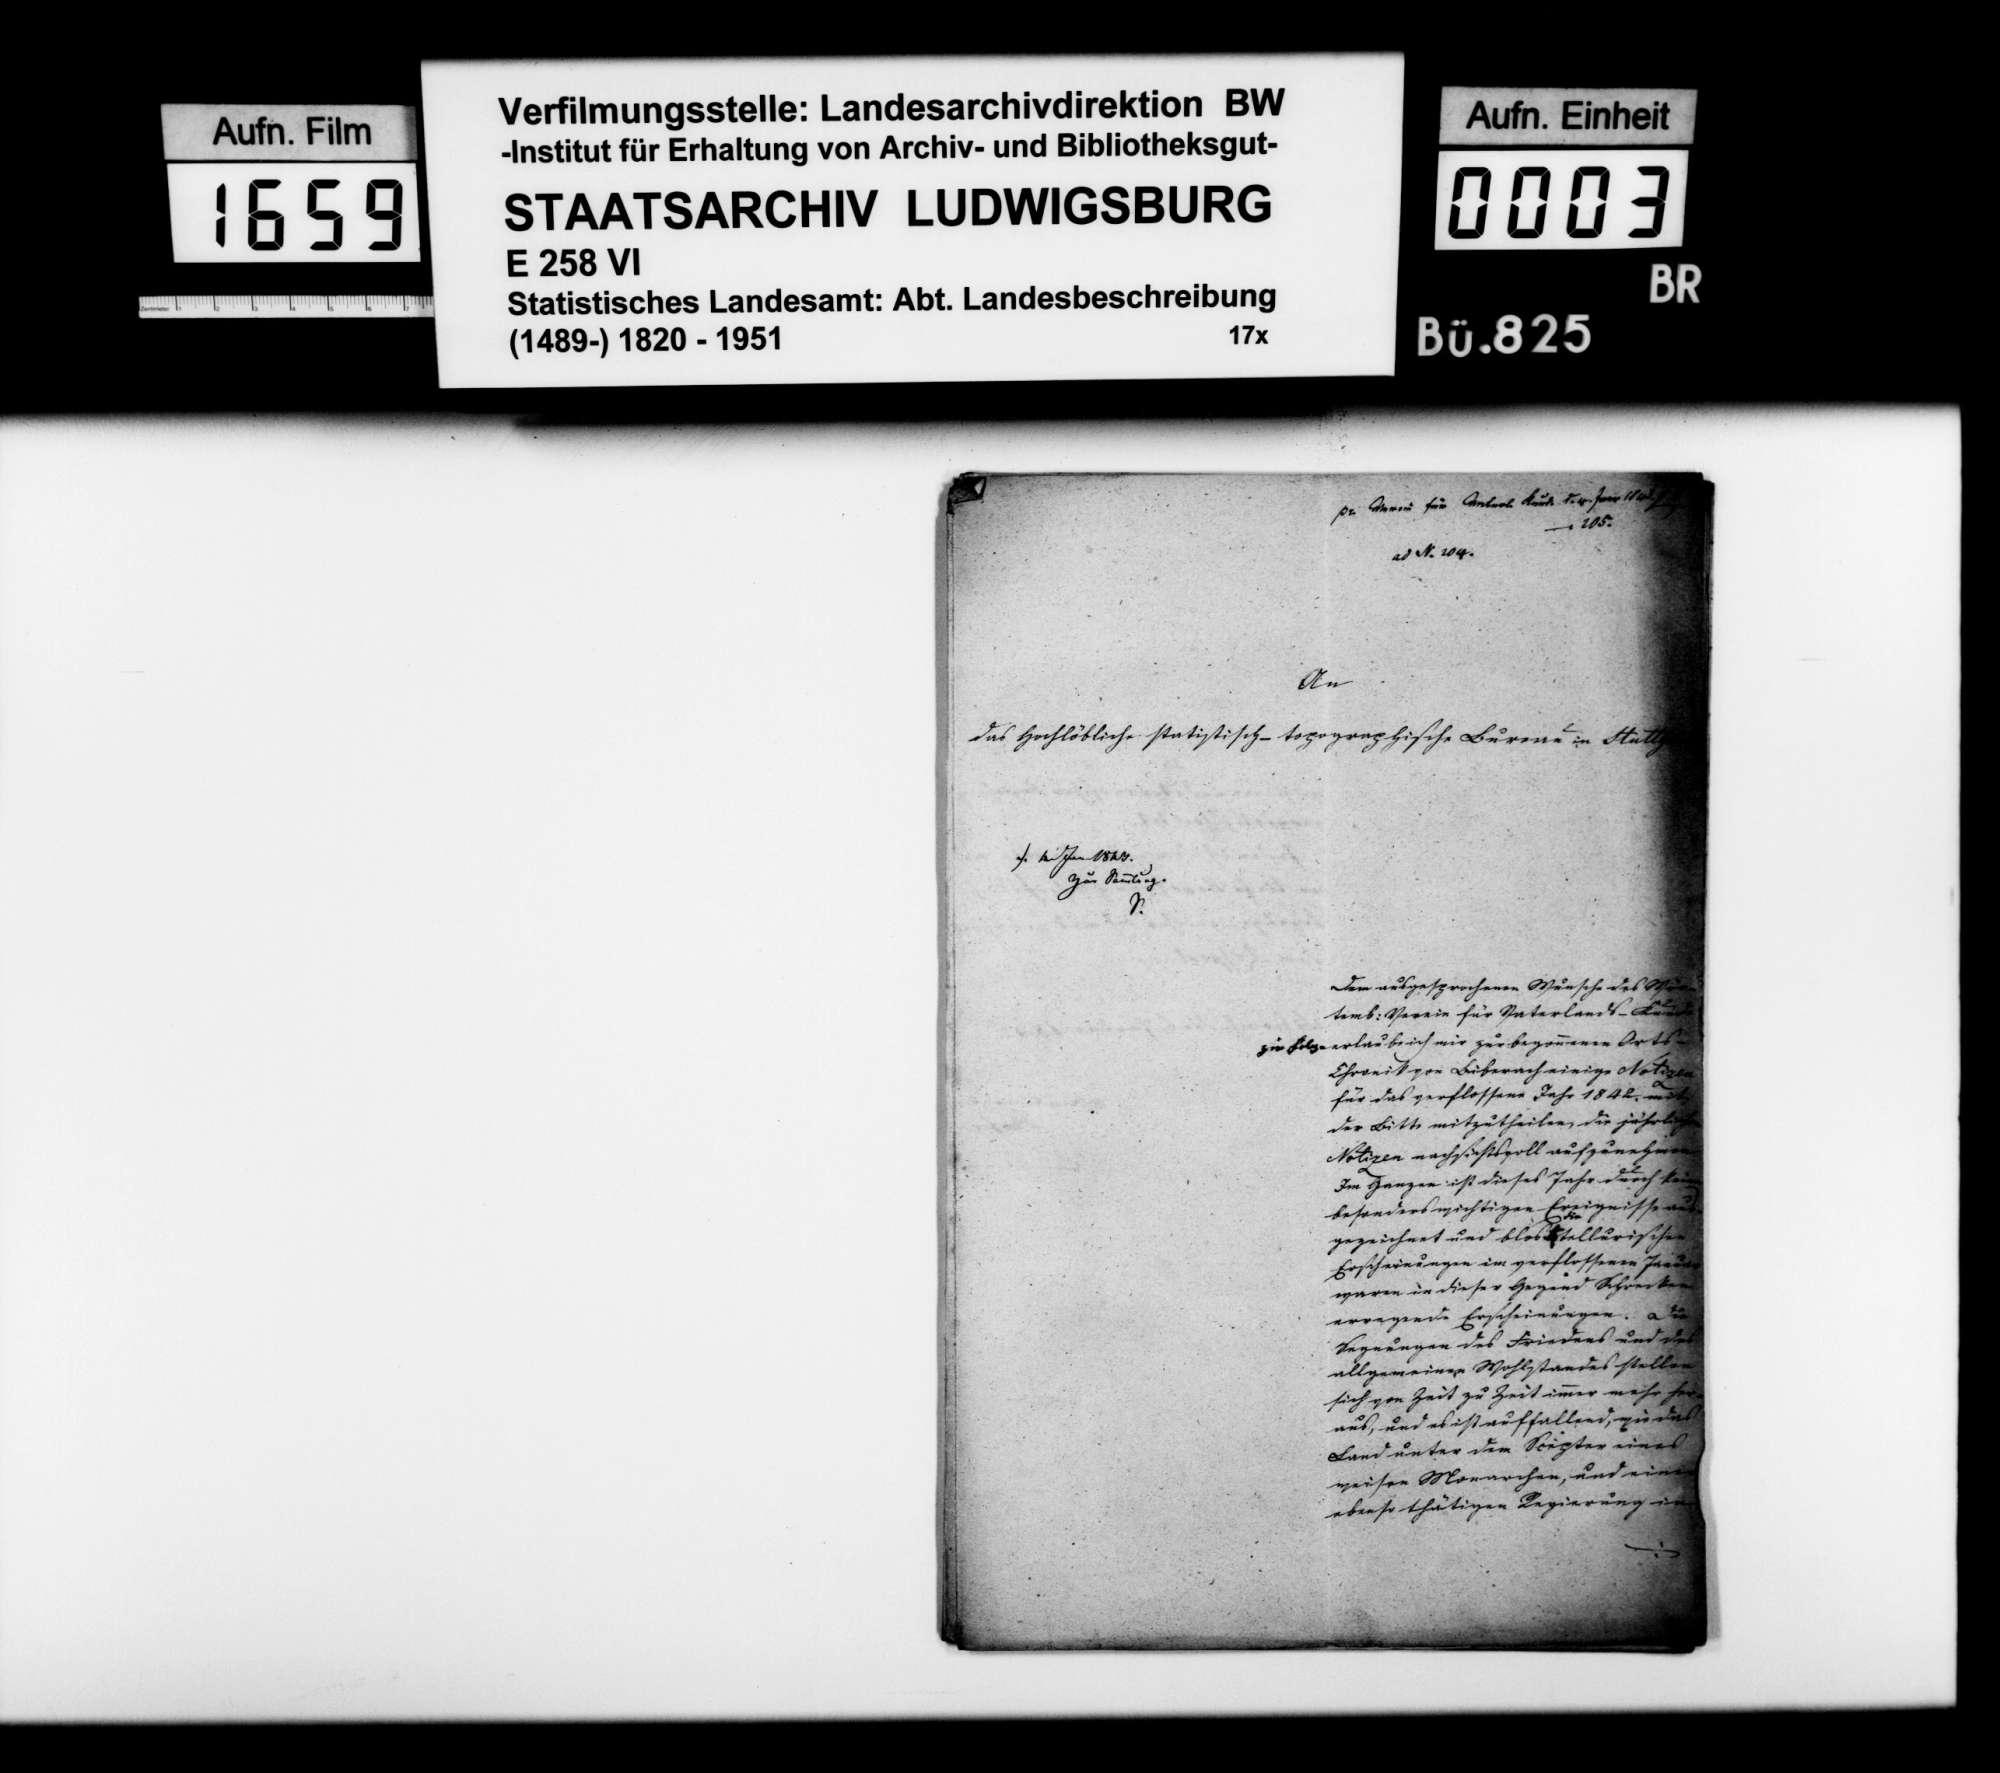 Jahreschronik des Oberamtsarztes Hofer aus Biberach für 1842, Bild 1